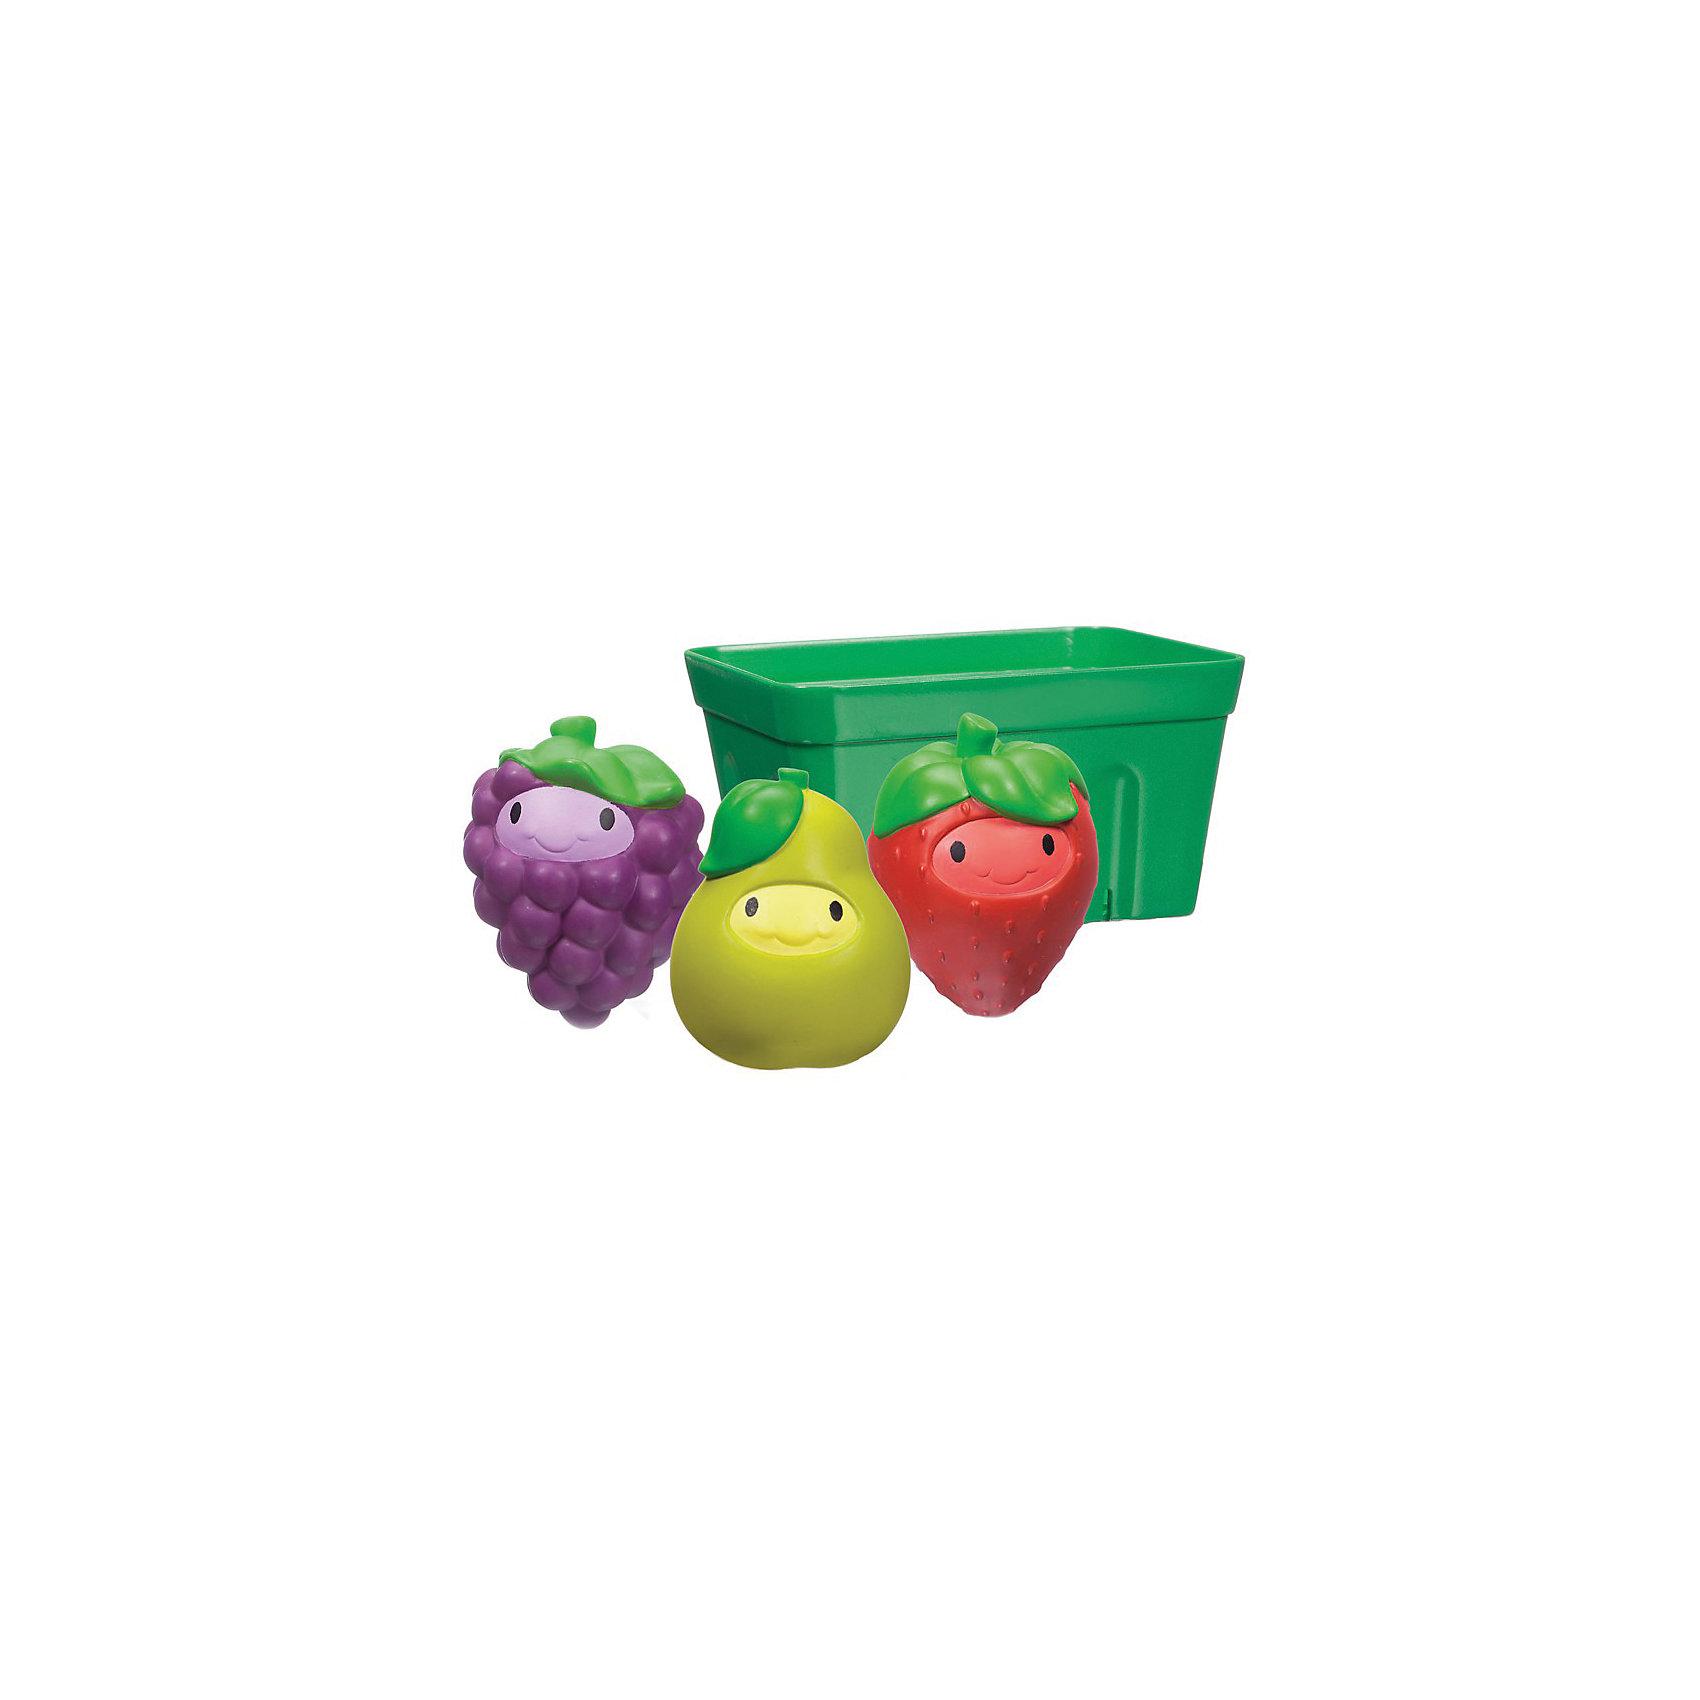 Игрушки для ванны Фрукты в корзине 9+, MunchkinИгрушки для ванны<br>Игрушки для ванны Фрукты в корзине 9+, Munchkin (Манчкин) - непременно понравятся вашему малышу и превратят купание в веселую игру.<br>Три яркие игрушки-брызгалки в виде груши, клубники и виноградинки разнообразят купание малыша и позволят ему придумывать различные увлекательные игры в ванной. Удобная форма игрушек адаптирована для детских ручек. Все игрушки складываются в специальную корзинку-сито, в которую можно наливать и просеивать водичку. Игрушки развивают мелкую моторику рук, творческое мышление, дают ребенку первые представления о формах, свойствах и цветах предметов. Миссия Munchkin (Манчкин), американской компании с 20-летней историей: избавить мир от надоевших и прозаических товаров, искать умные инновационные решения, которые превращает обыденные задачи в опыт, приносящий удовольствие. Понимая, что наибольшее значение в быту имеют именно мелочи, компания создает уникальные товары, которые помогают поддерживать порядок, организовывать пространство, облегчают уход за детьми – недаром компания имеет уже более 140 патентов и изобретений, используемых в создании ее неповторимой и оригинальной продукции. Munchkin (Манчкин) делает жизнь родителей легче!<br><br>Дополнительная информация:<br><br>- Для детей с 9 месяцев<br>- В наборе: корзинка-сито, 3 брызгалки (клубника, груша, виноград)<br>- Материал: резина, пластмасса<br>- Не содержит Бисфенол-А<br>- Размер упаковки: 8х16х17 см.<br>- Вес: 170 гр.<br><br>Игрушки для ванны Фрукты в корзине 9+, Munchkin (Манчкин) можно купить в нашем интернет-магазине.<br><br>Ширина мм: 80<br>Глубина мм: 160<br>Высота мм: 170<br>Вес г: 170<br>Возраст от месяцев: 9<br>Возраст до месяцев: 36<br>Пол: Унисекс<br>Возраст: Детский<br>SKU: 4701940